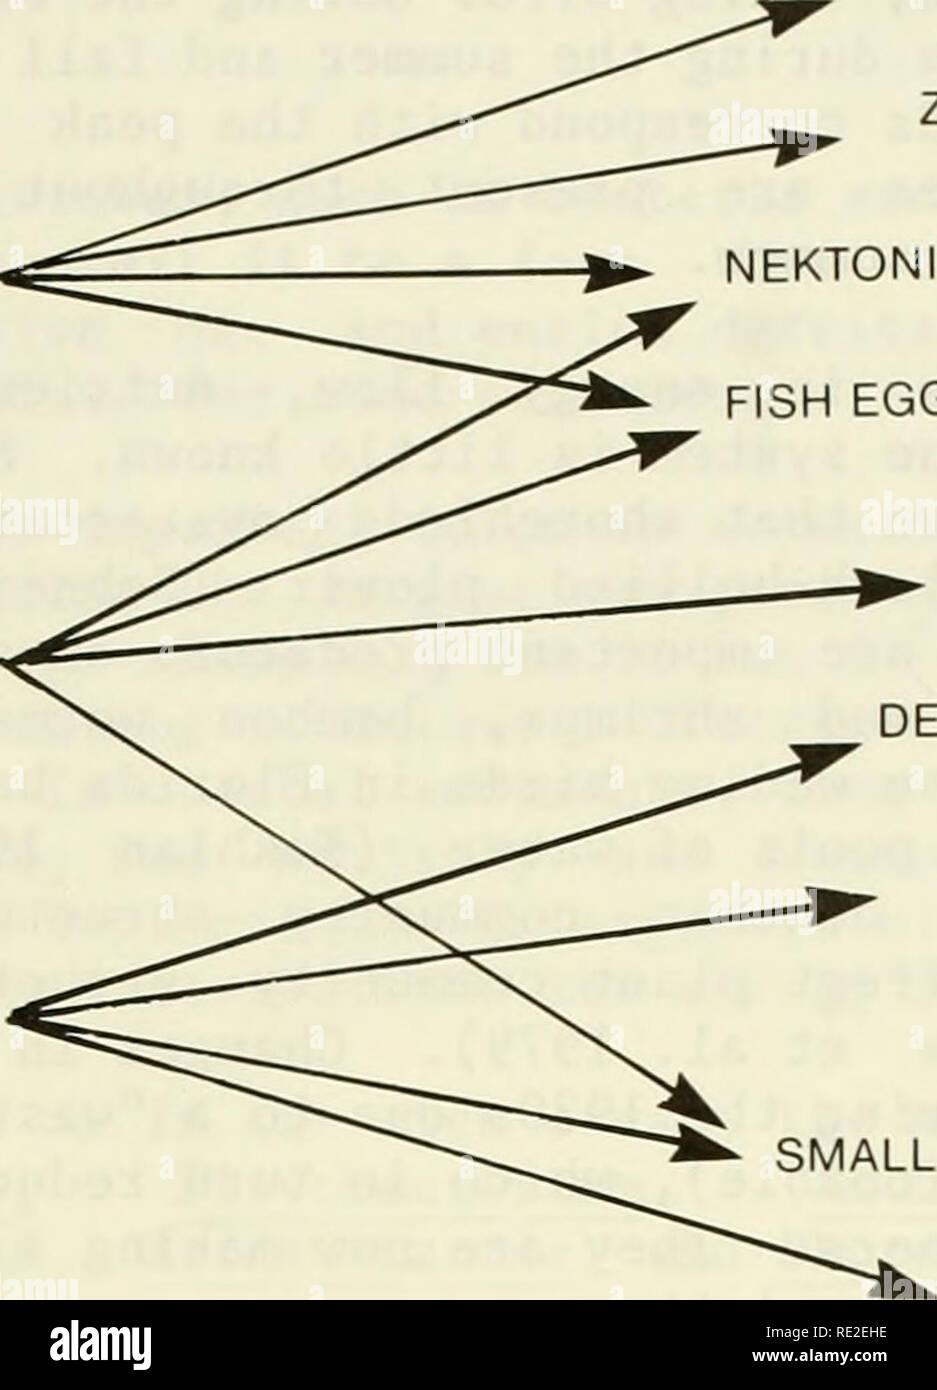 . Una caracterización ecológica de la costa de Maine (norte y este de Cape Elizabeth). Ecología Costera - Maine. Los hábitos de alimentación de recursos alimenticios PLANCTÓNICOS ZOOPLANCTON FITOPLANCTON ^^^ >. NEKTONIC CRUSTÁCEOS HUEVOS Y LARVAS DE PECES grandes peces NEKTONIC DETRITUS, ALGAS POLIQUETOS DEMERSALES Y ^ ^ MOLUSCOS SEMIDEMERSAL pequeños peces, calamares crustáceos Figura 5-25. Los hábitos de alimentación de peces estuarinos. invertebrados y vertebrados de strand line (la zona supratidal donde una comunidad se desarrolla en las macroalgas que lava en tierra). Las aves playeras comen principalmente marisma intermareal invertebrados (es decir, Foto de stock